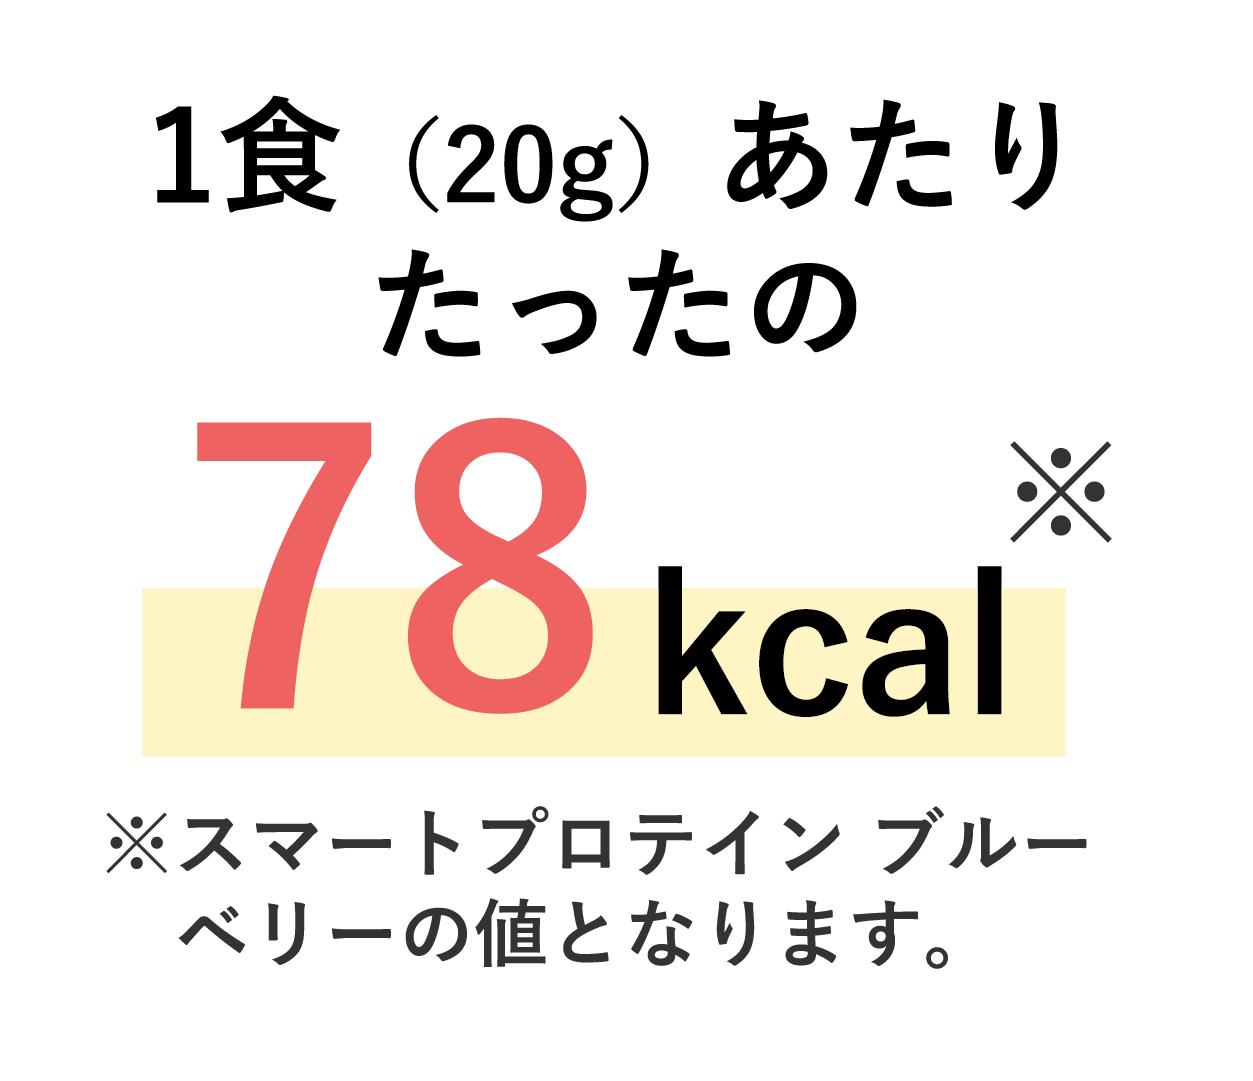 スマートプロテインの1食あたりのカロリーはたったの78kcal。